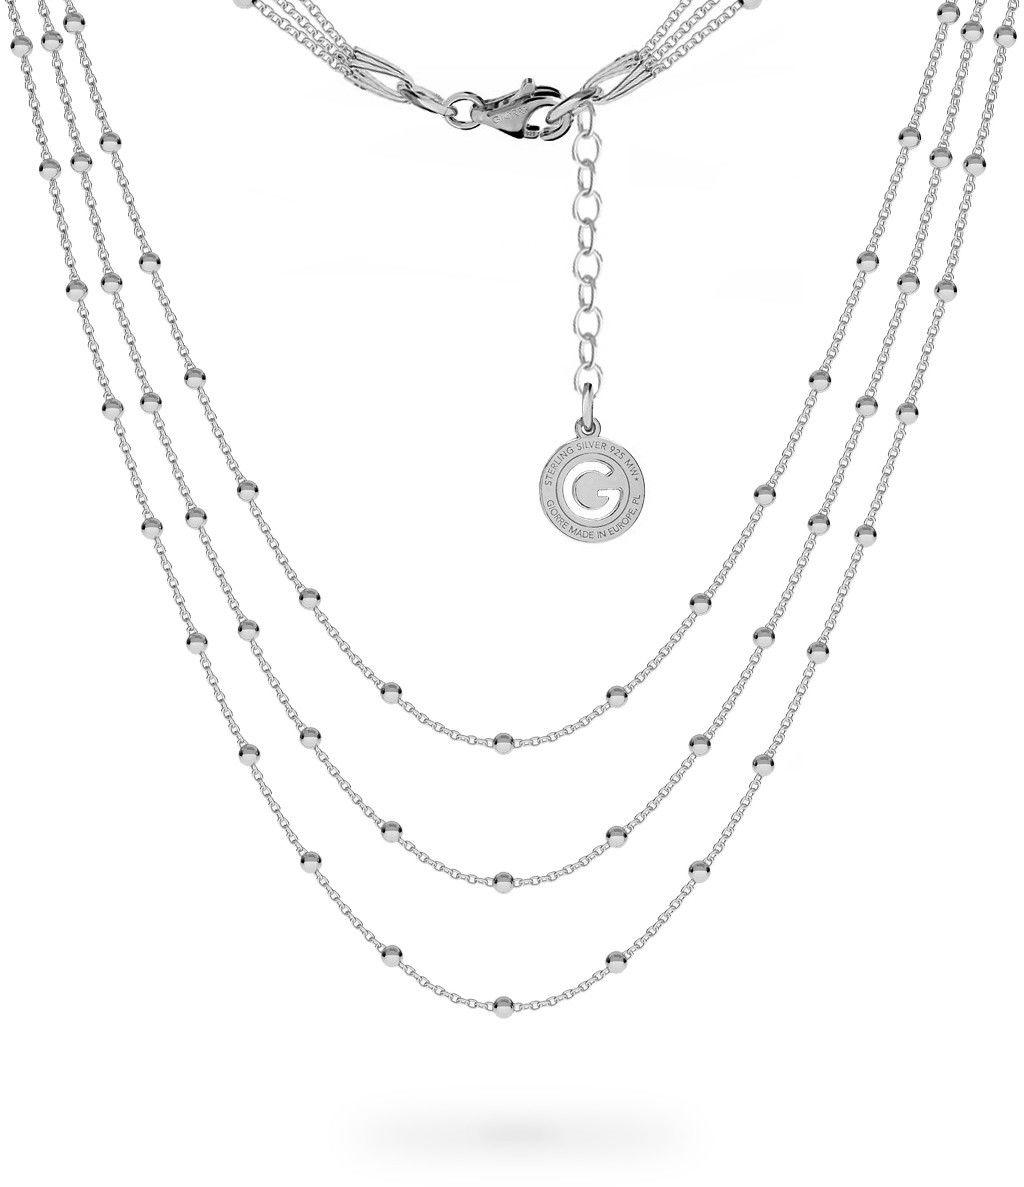 Potrójny łańcuszek 50 cm z kulkami, srebro 925 : Długość (cm) - 38 + 42 + 45 + 5, Srebro - kolor pokrycia - Pokrycie platyną